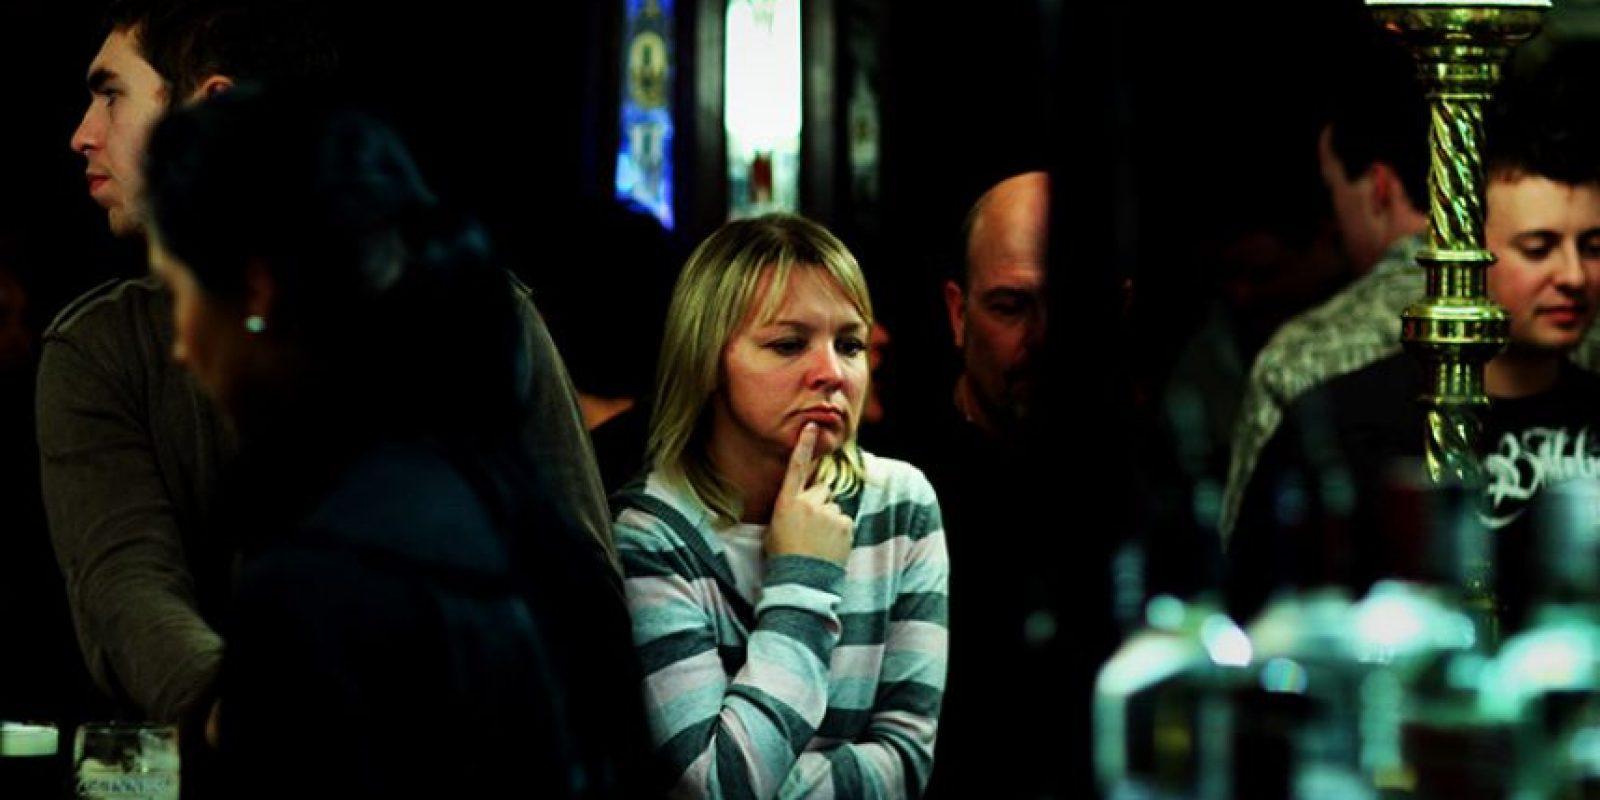 Reporta un índice de 318.0 casos por cada 100 mil habitantes. Foto:Flickr. Imagen Por: